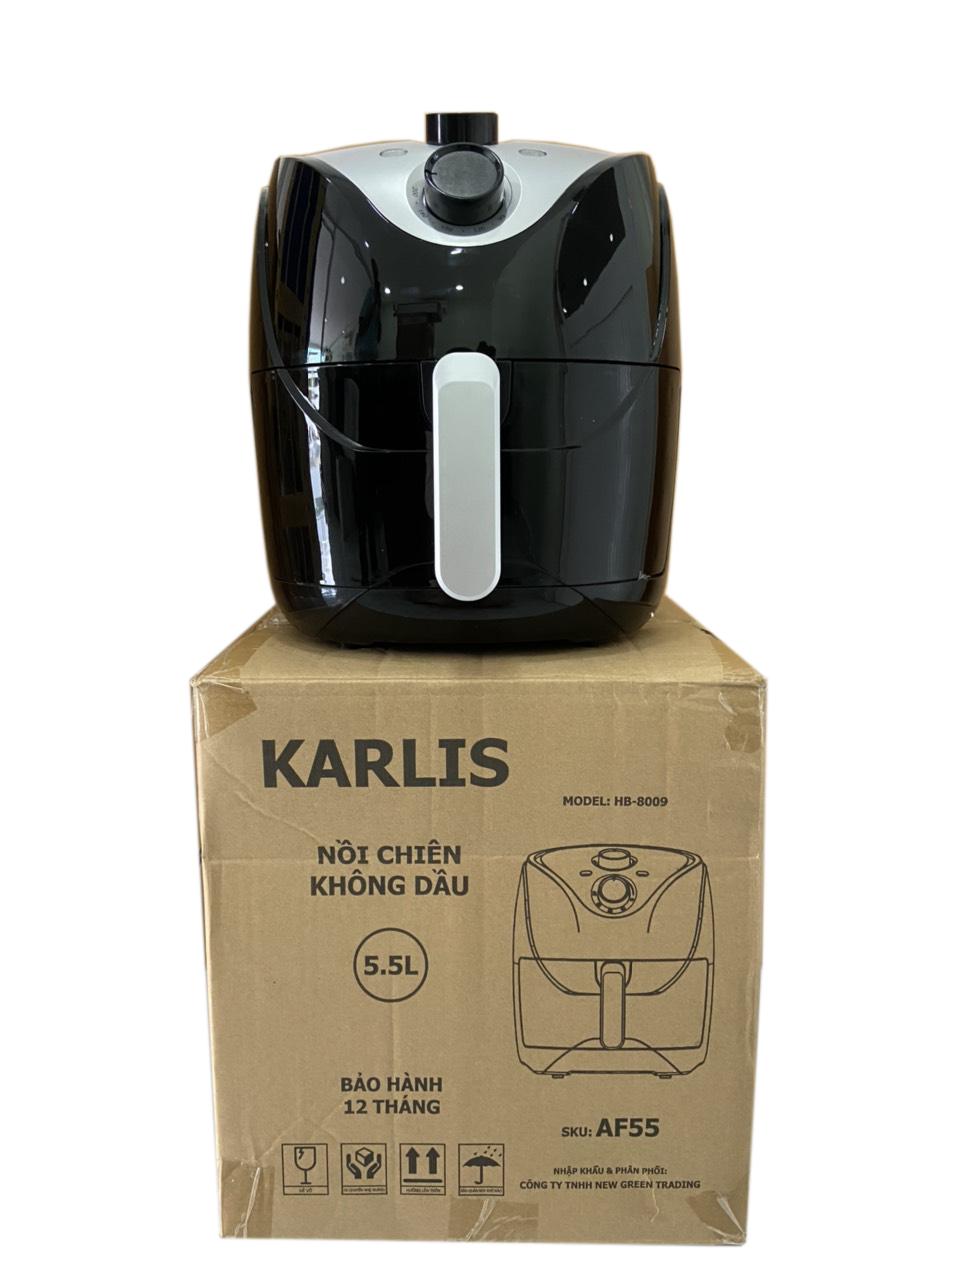 Nồi chiên không dầu dung tích lớn 5.5L Karlis (hàng nhập khẩu)